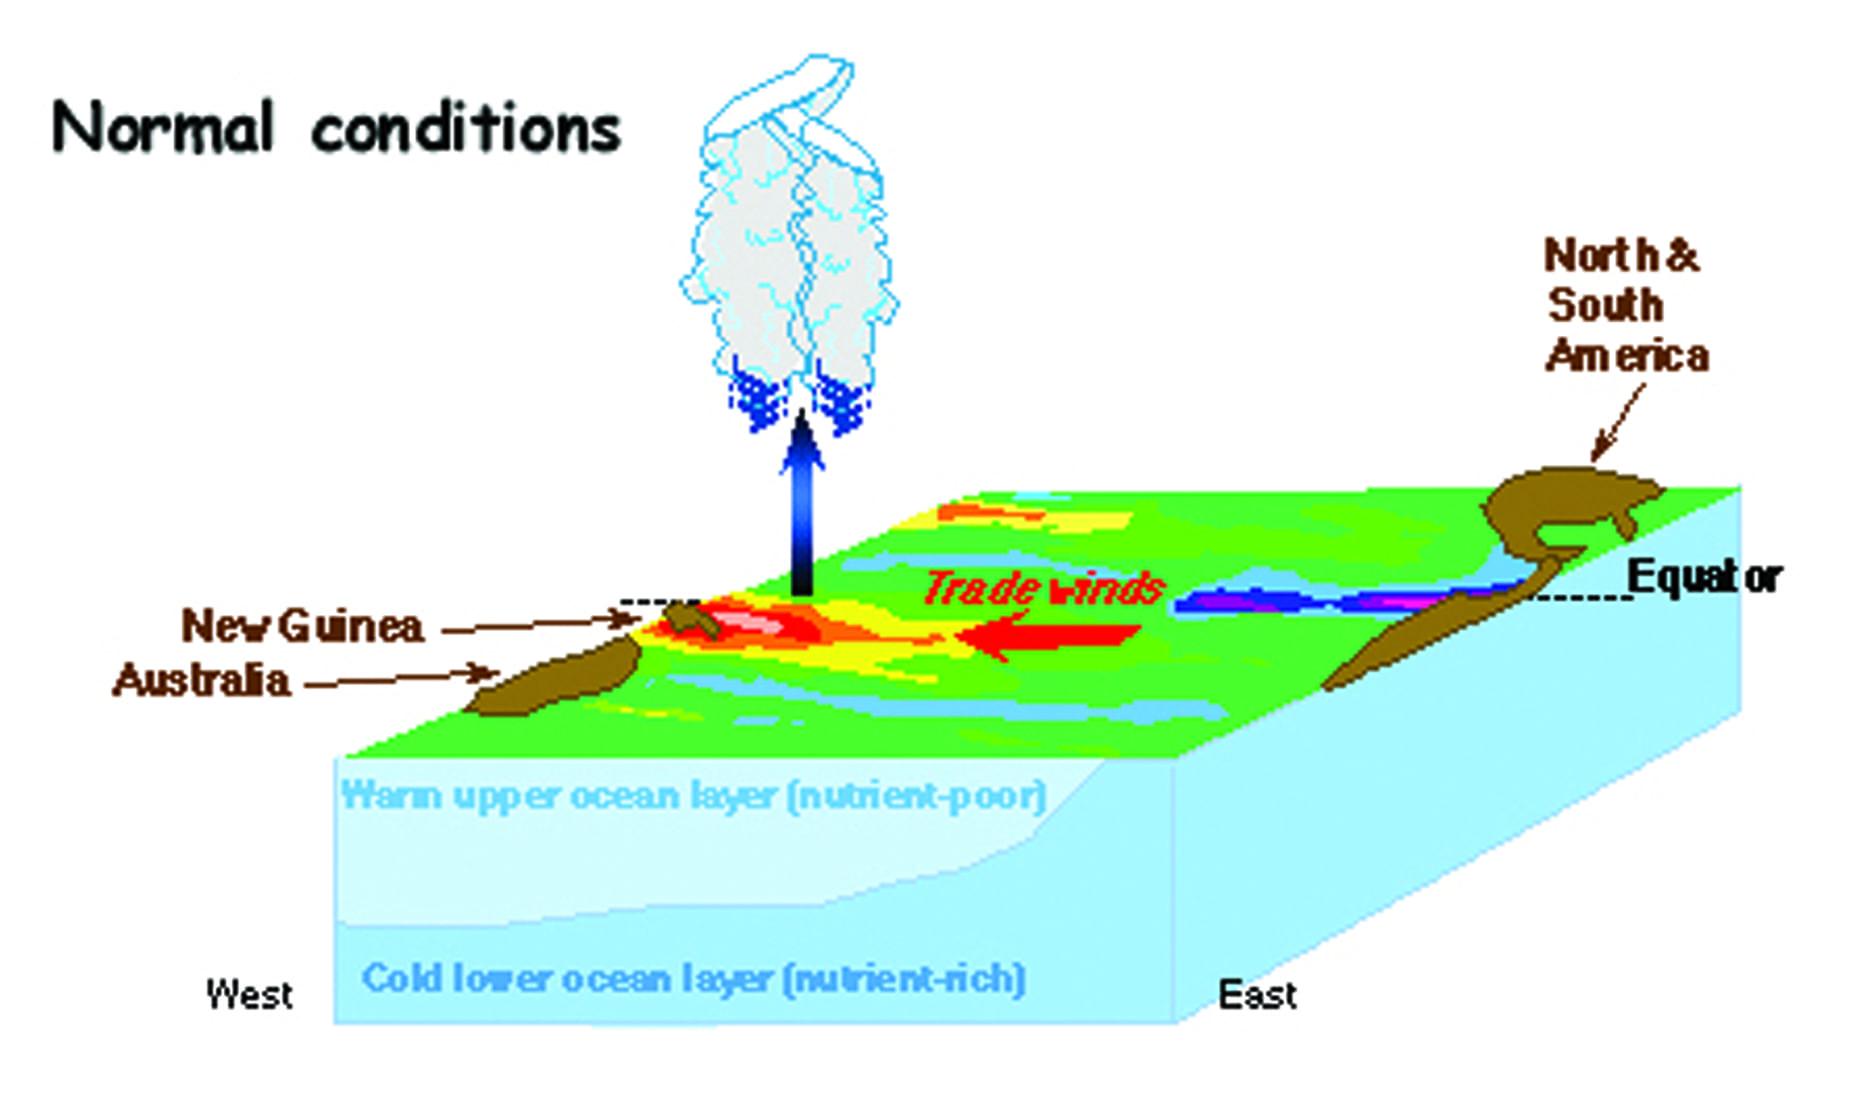 Hiện tượng El Niño ảnh hưởng tới thời tiết như thế nào? - 2